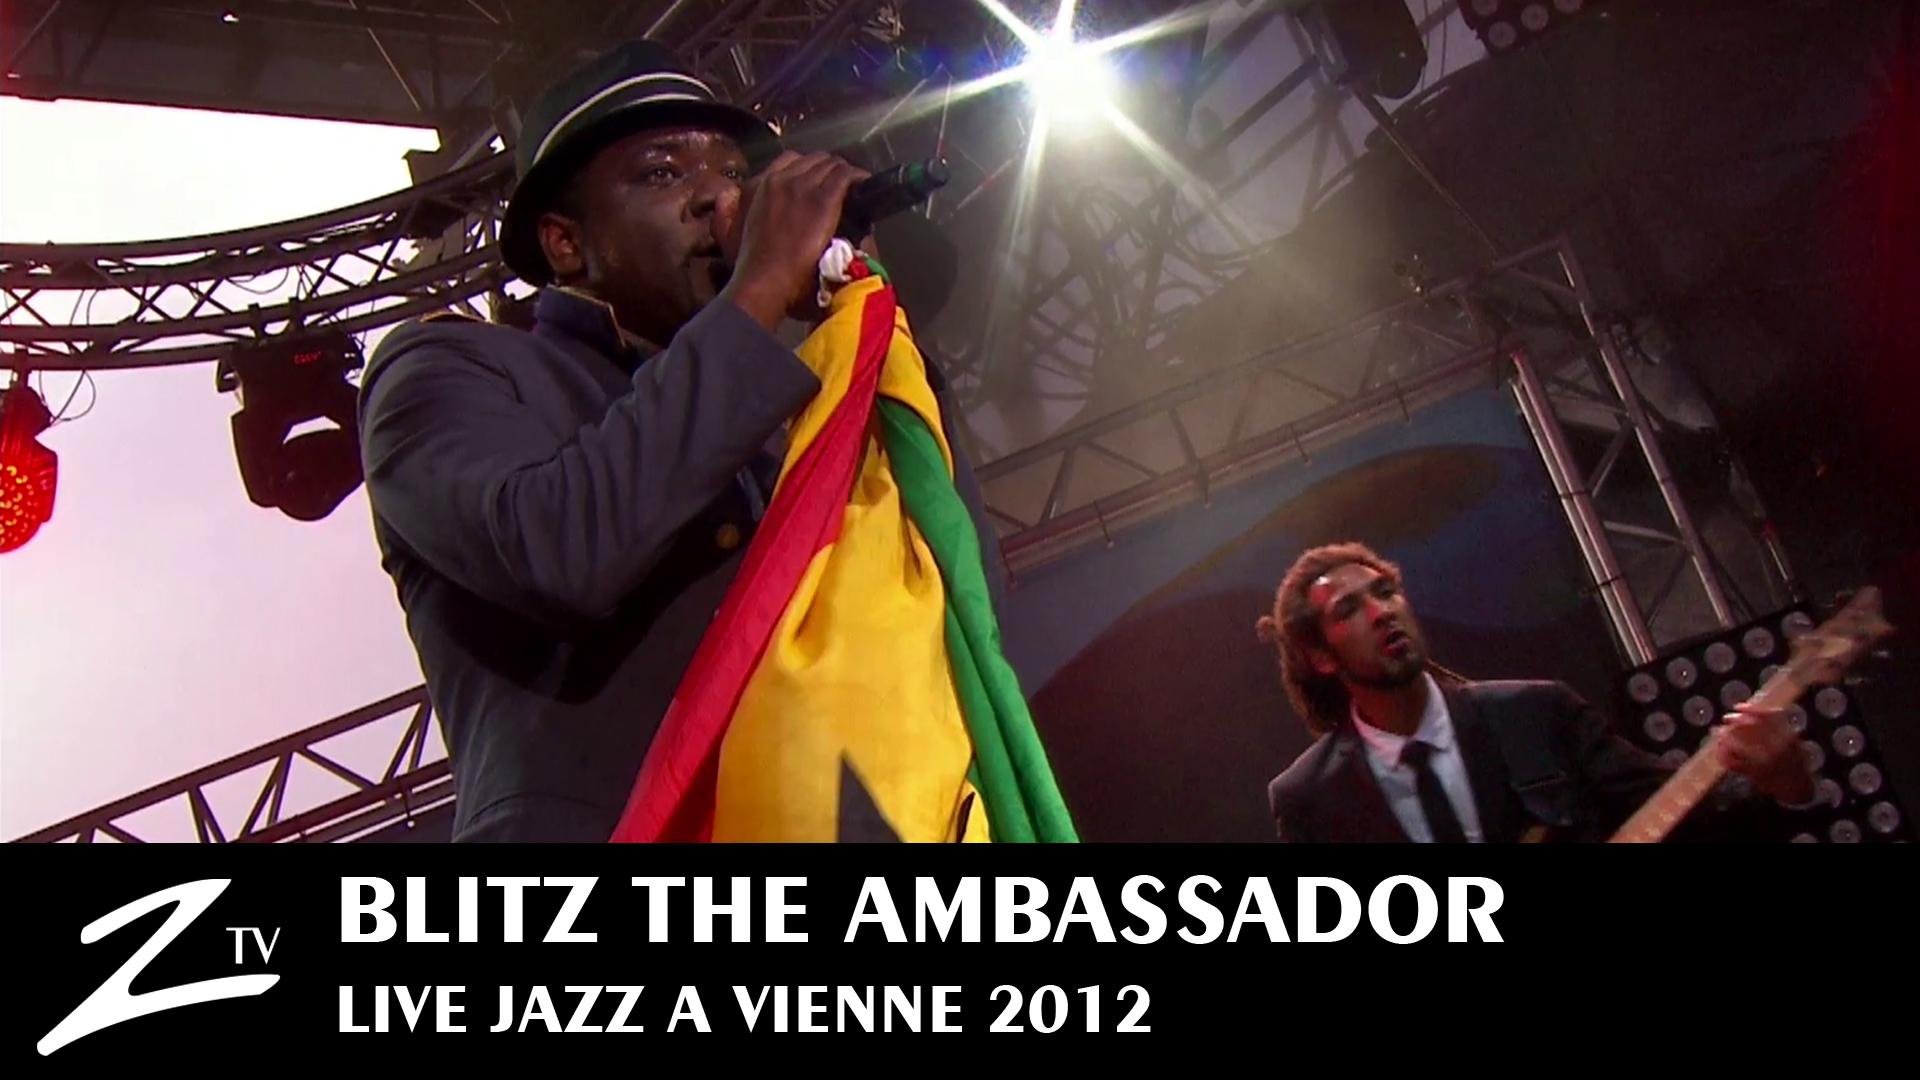 Vyoutube-Blitz-the-Ambassador-2